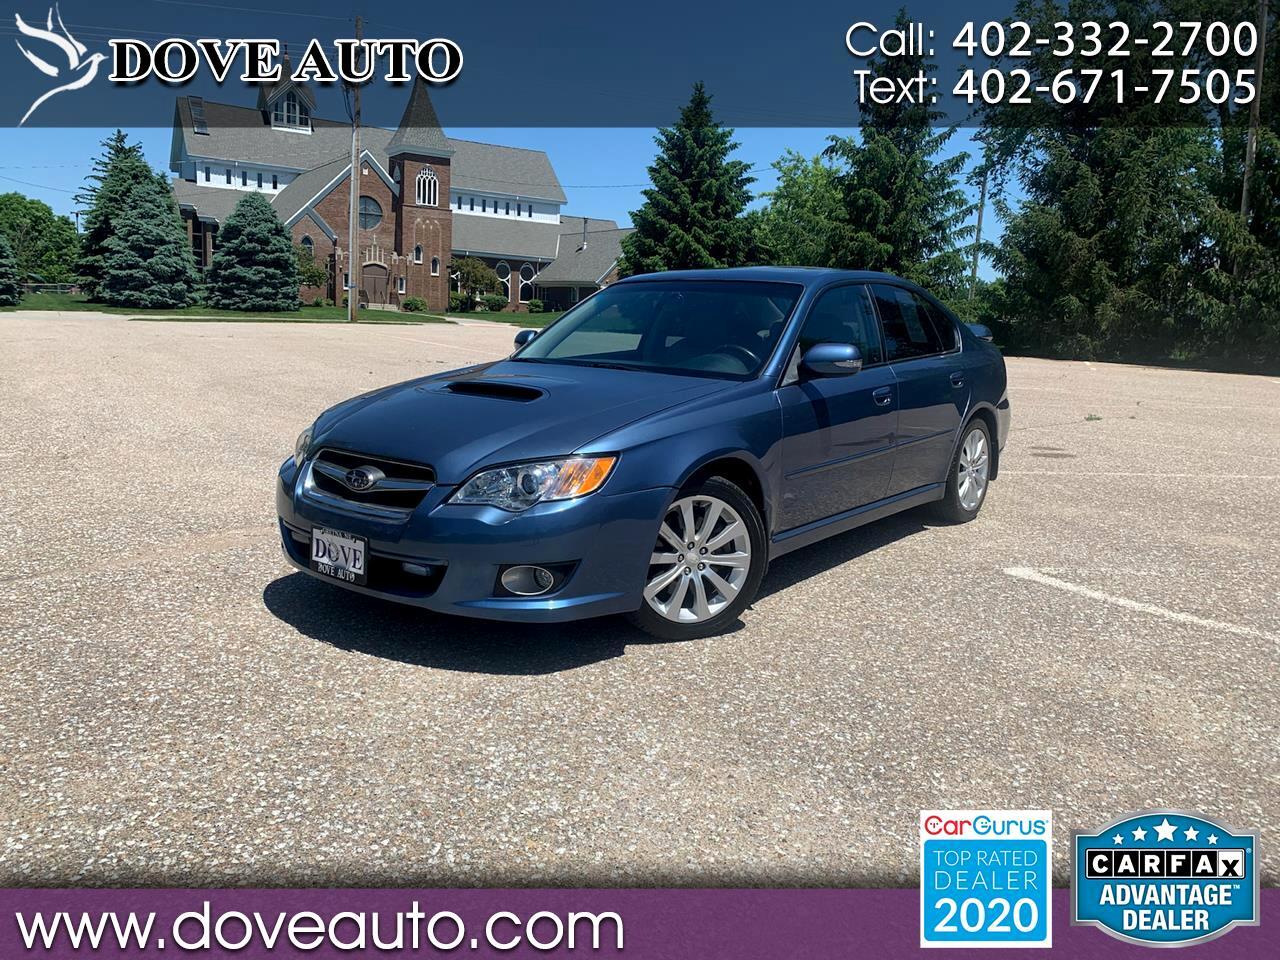 Subaru Legacy 2.5 GT Limited 2009